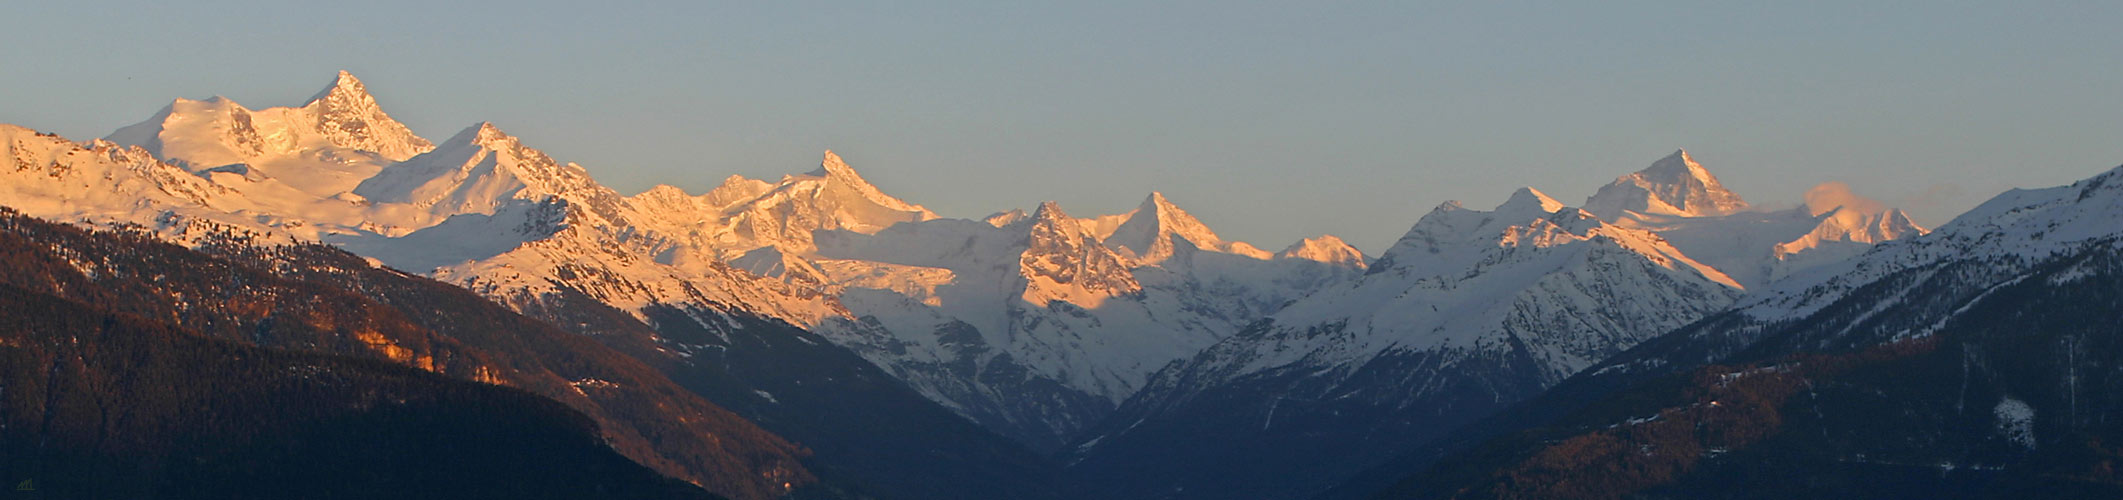 Hochgebirge im Abendlicht